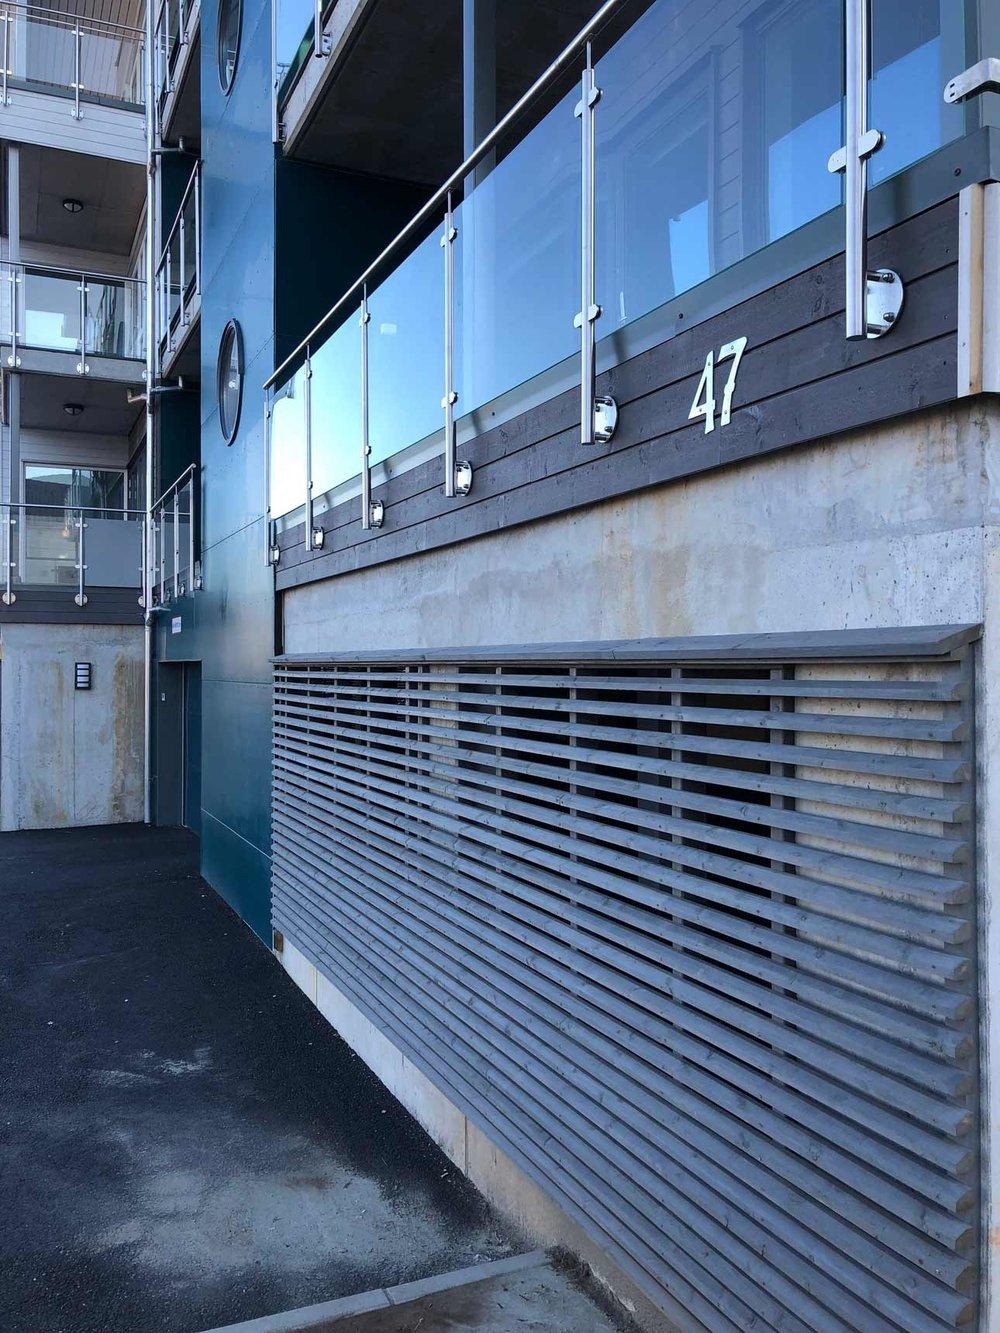 arkitekt_kolstø_hasseløy_4_leilighetsbygg.jpg